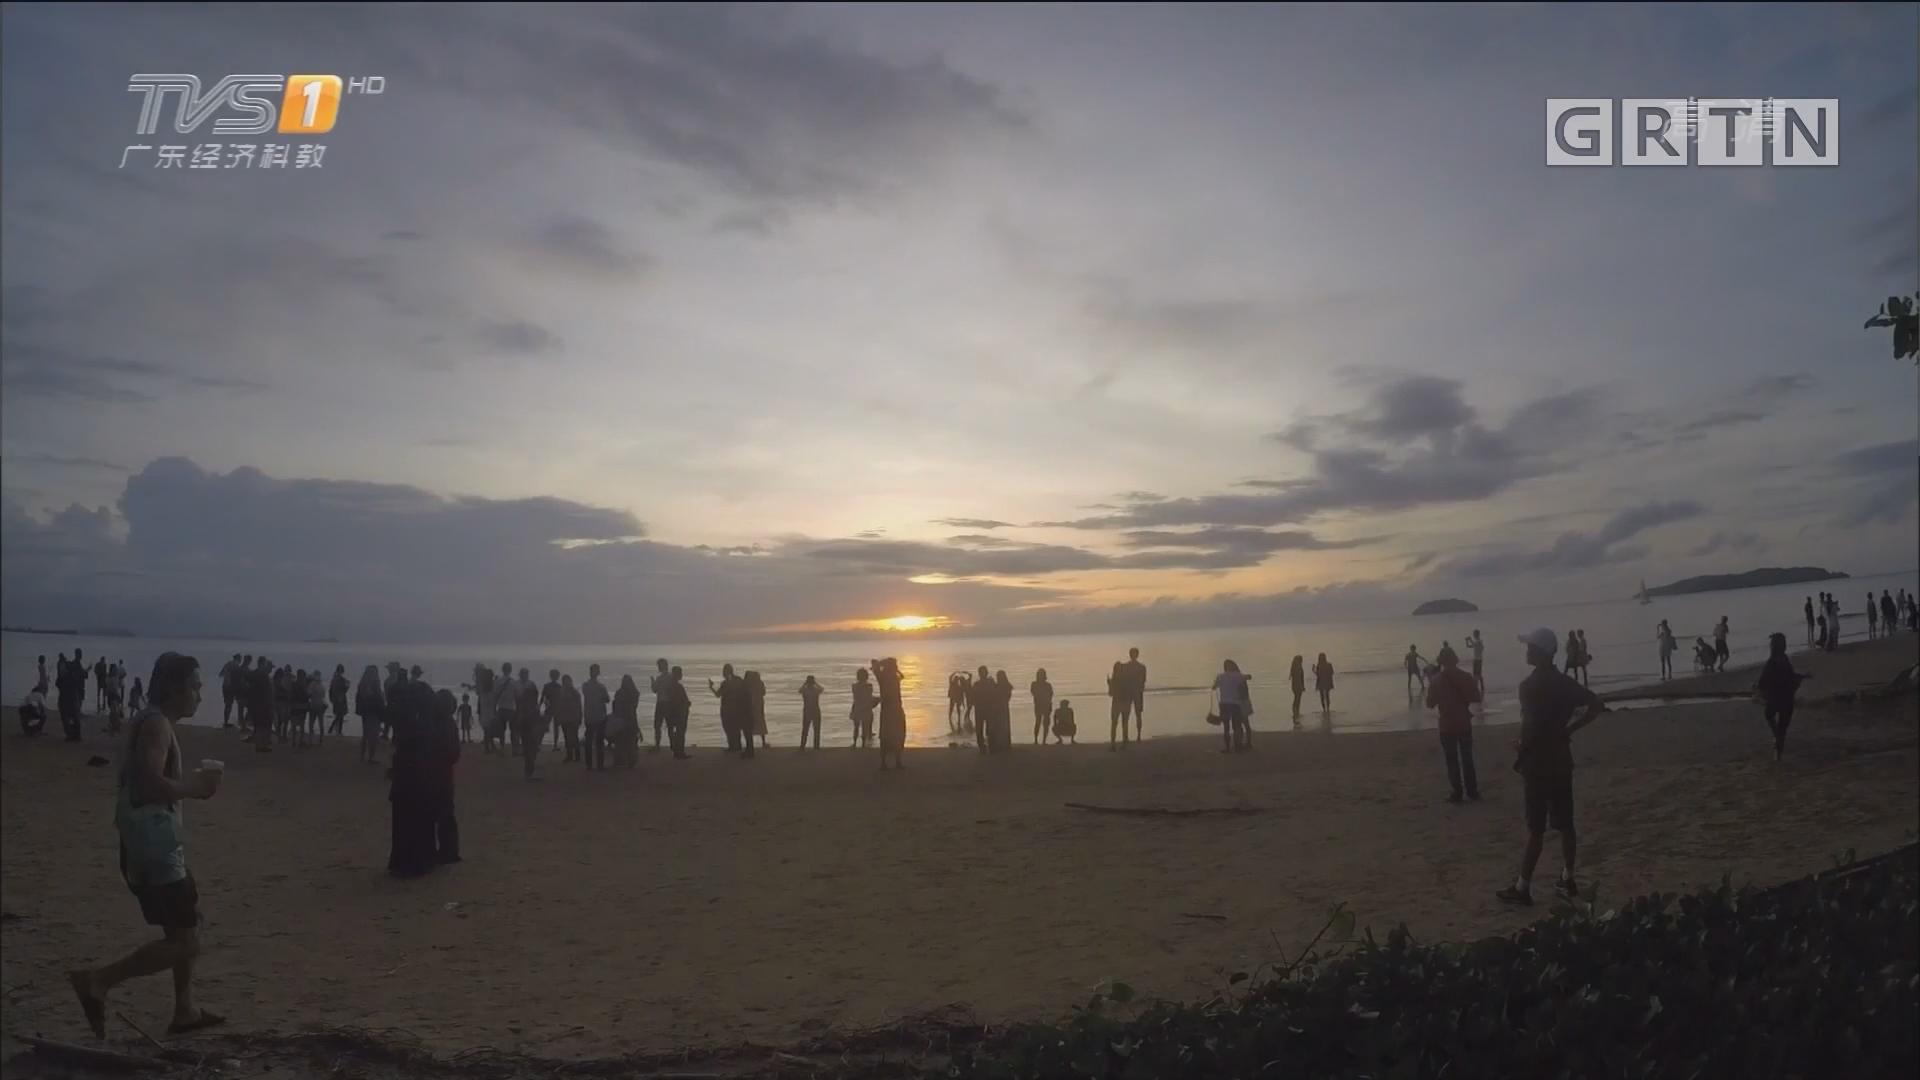 马来西亚——丹绒亚路沙滩